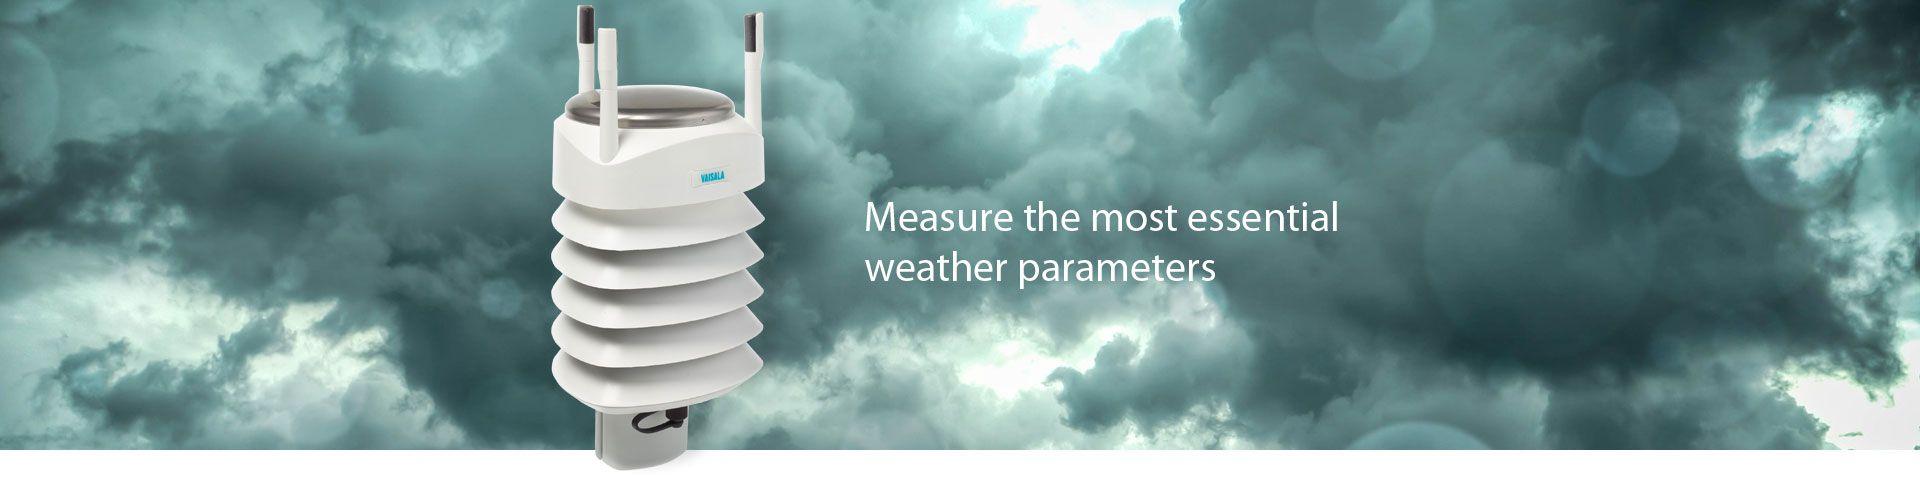 Vaisala WXT536 Multi-Parameter Weather Sensor